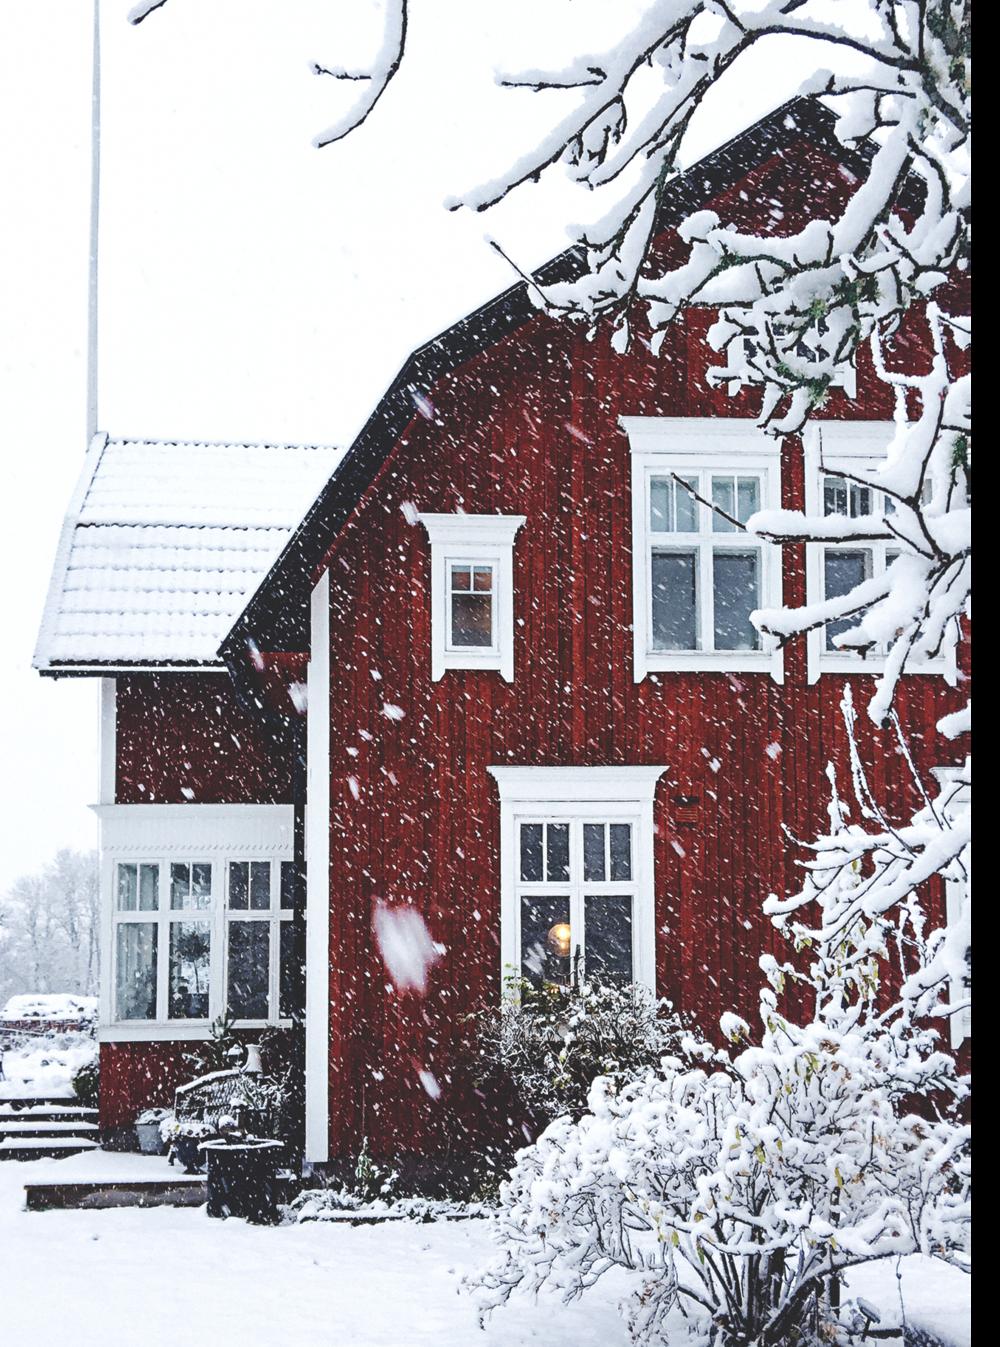 Så himla lägligt, det snöade första advents-helgen!